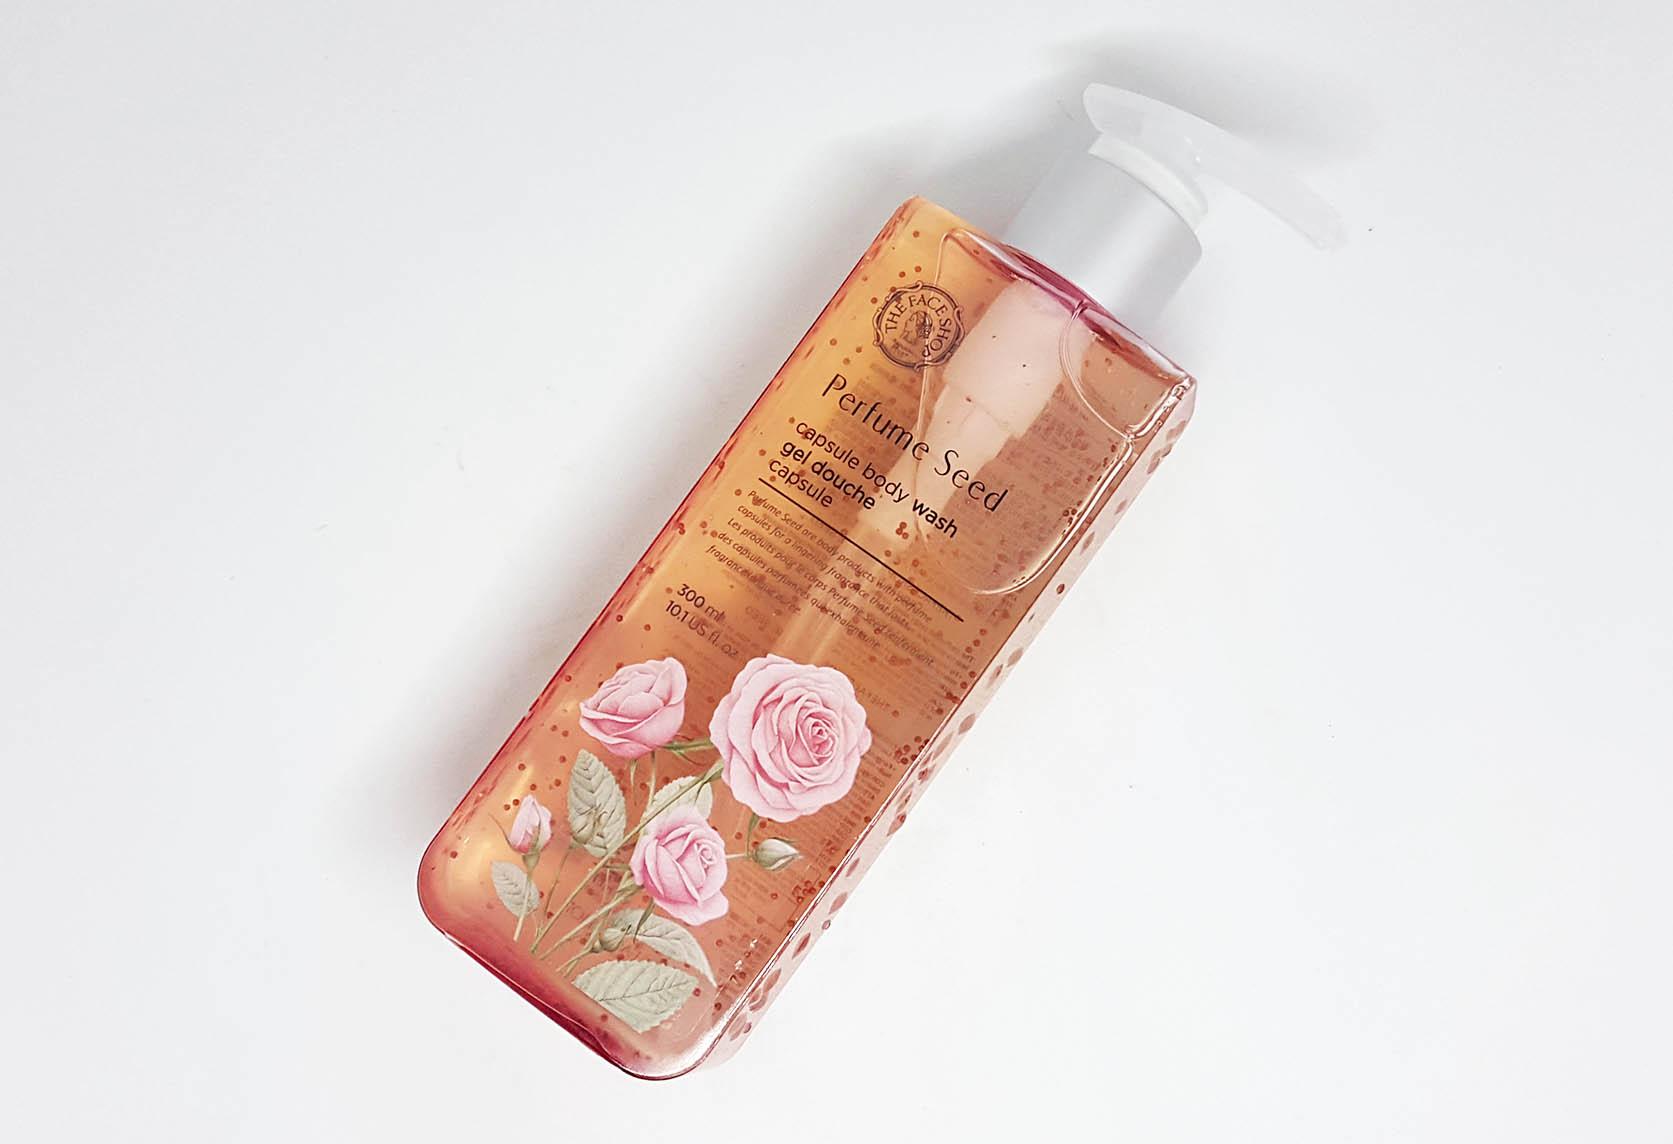 Review nhanh 10  sữa tắm nước hoa từ 110k: Có loại đáng mua, có loại nên cân nhắc - Ảnh 15.